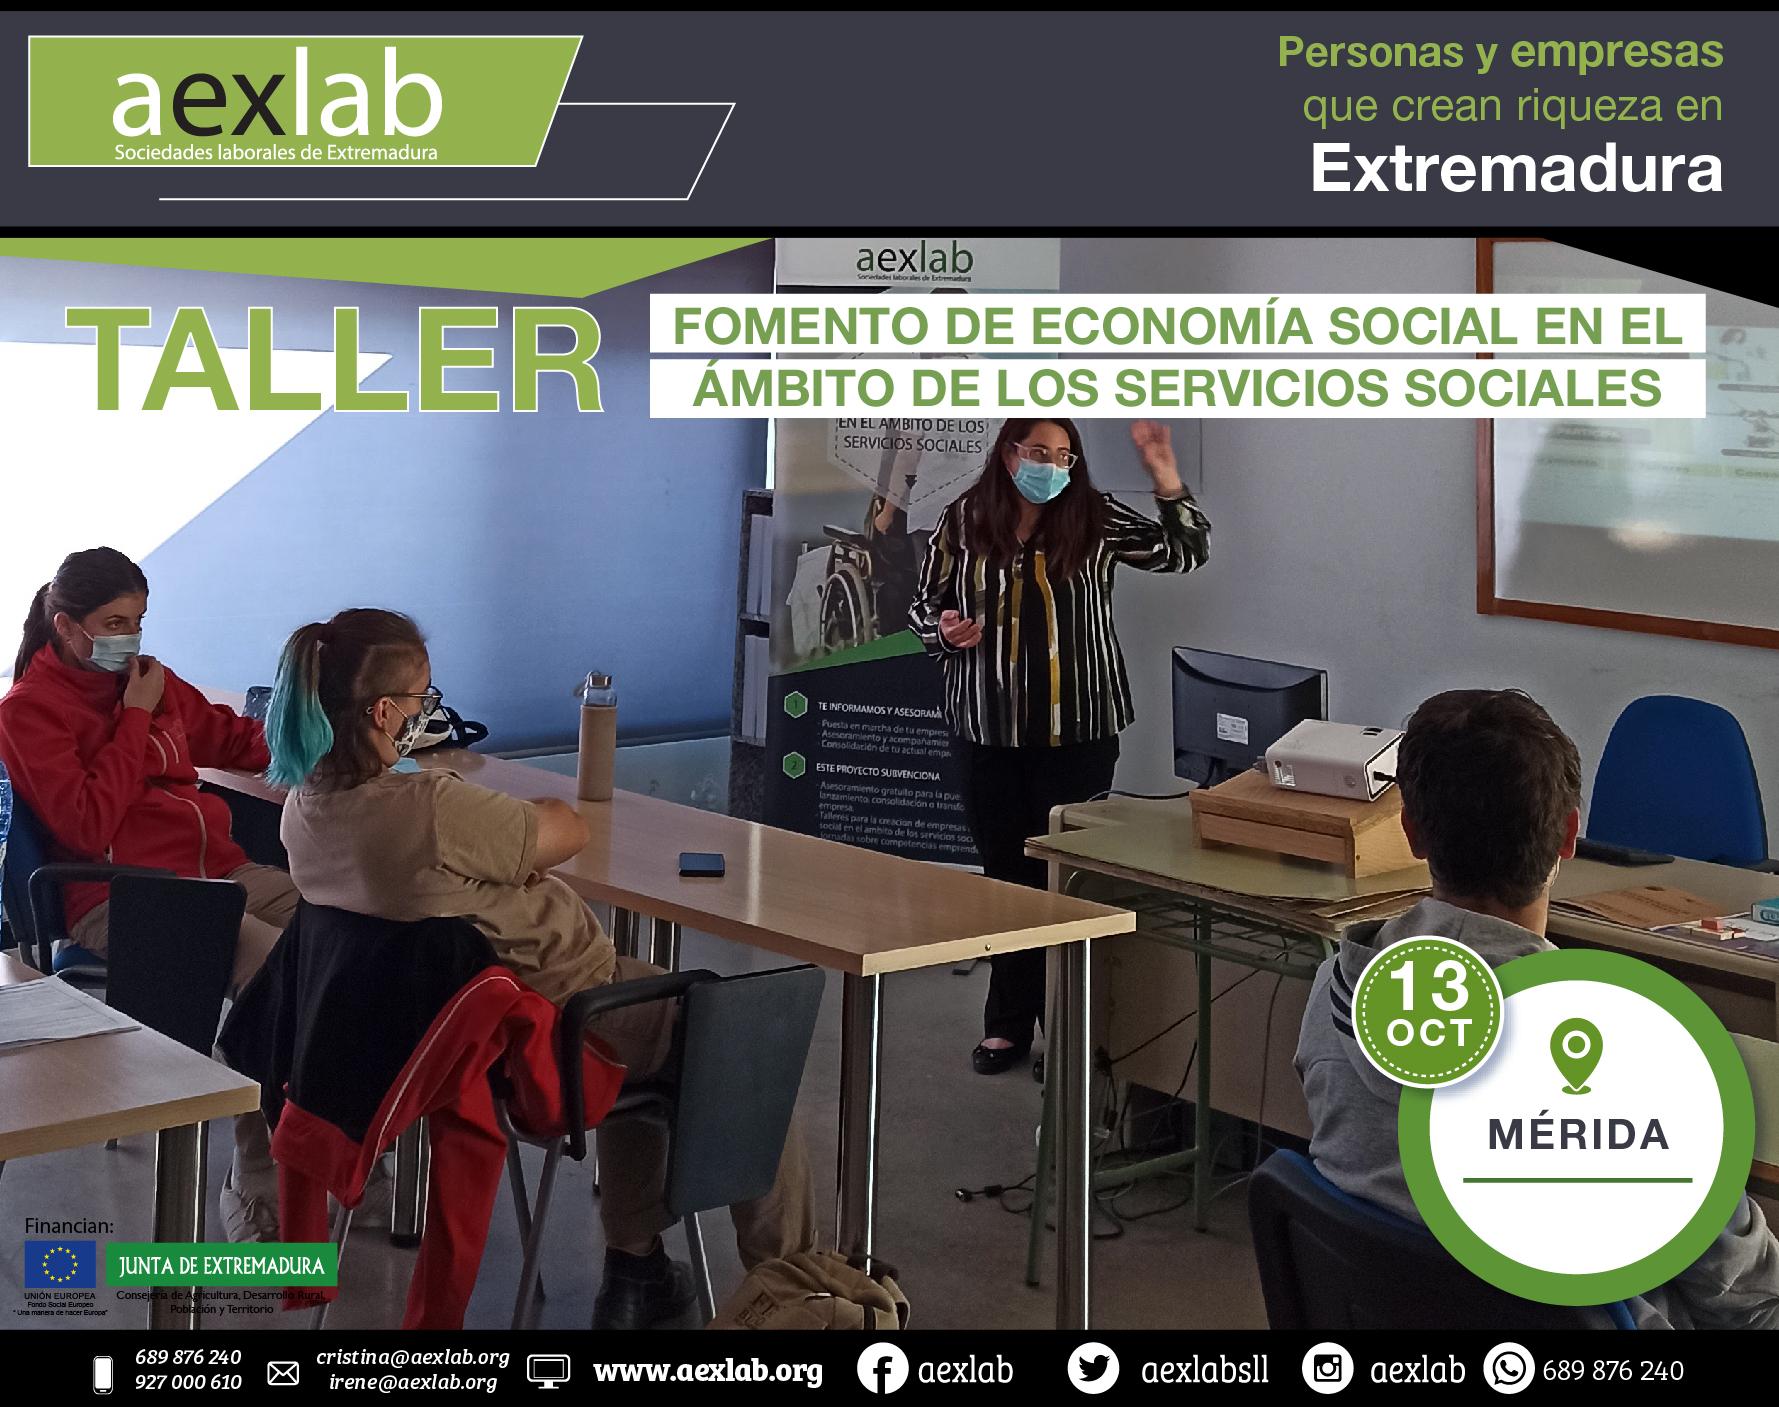 alumnos taller ambito social merida 13 oct aexlab-02